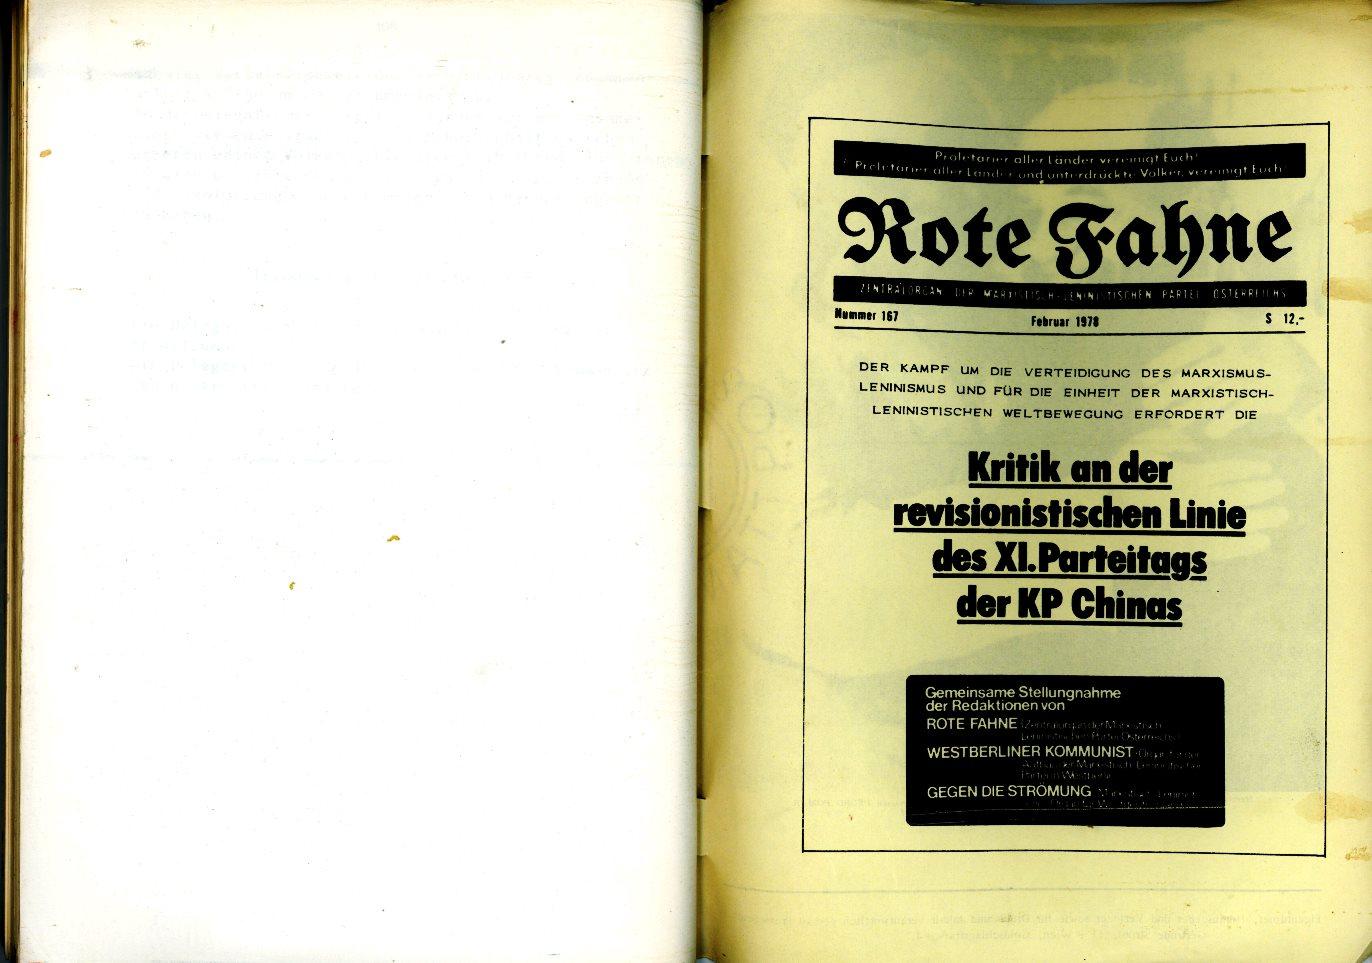 MLSK_Theorie_und_Praxis_des_ML_1978_20_64